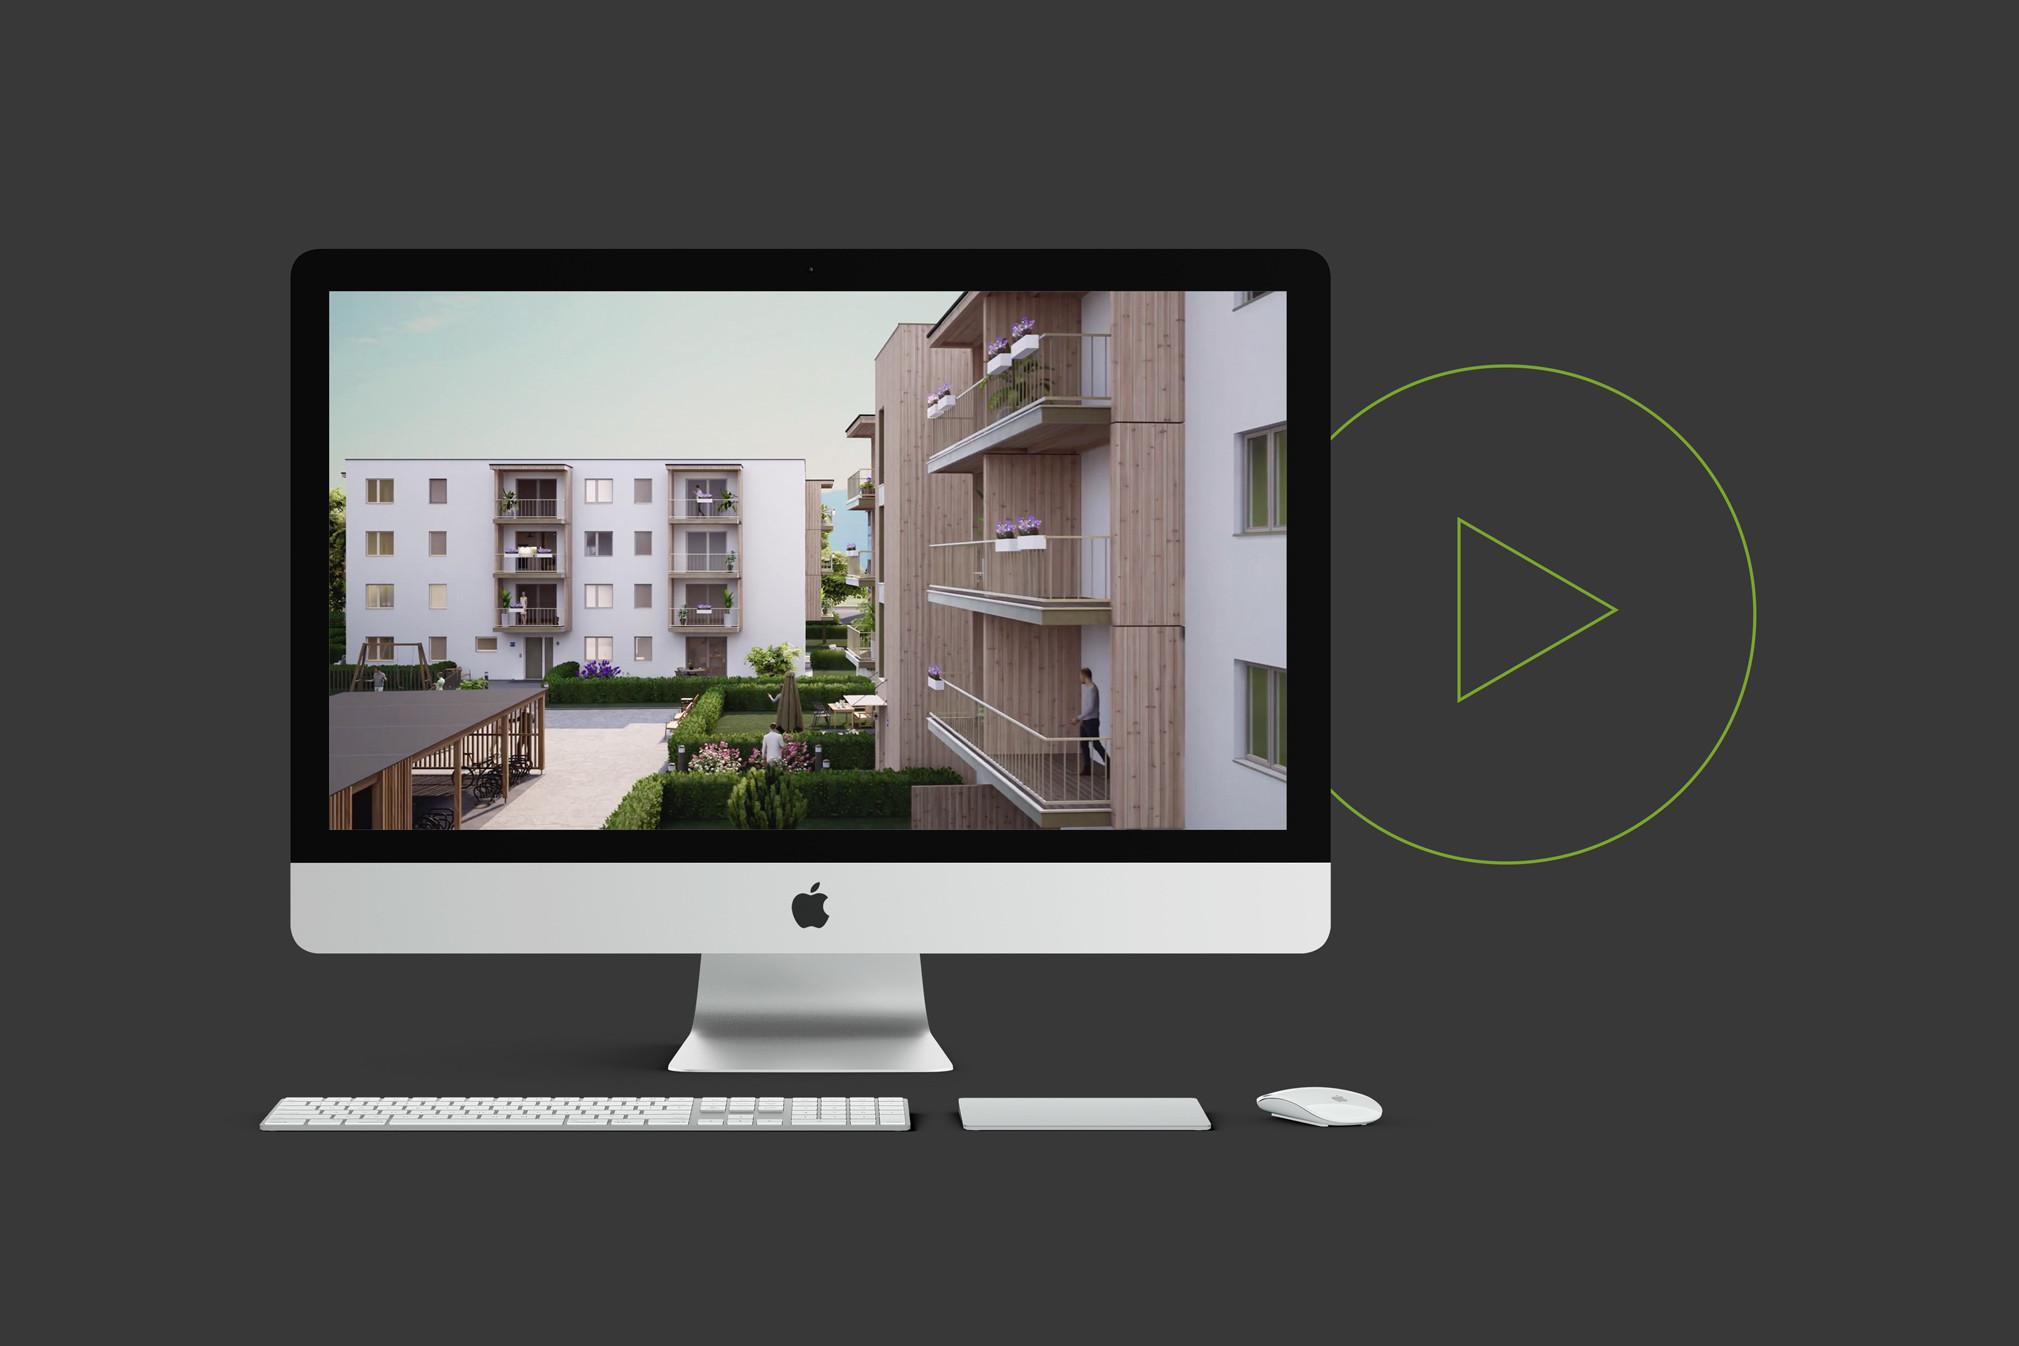 Bildschirm mit Tastatur und Maus zeigt Visualisierung von Projekt Villach grüner Play Button im Hintergrund